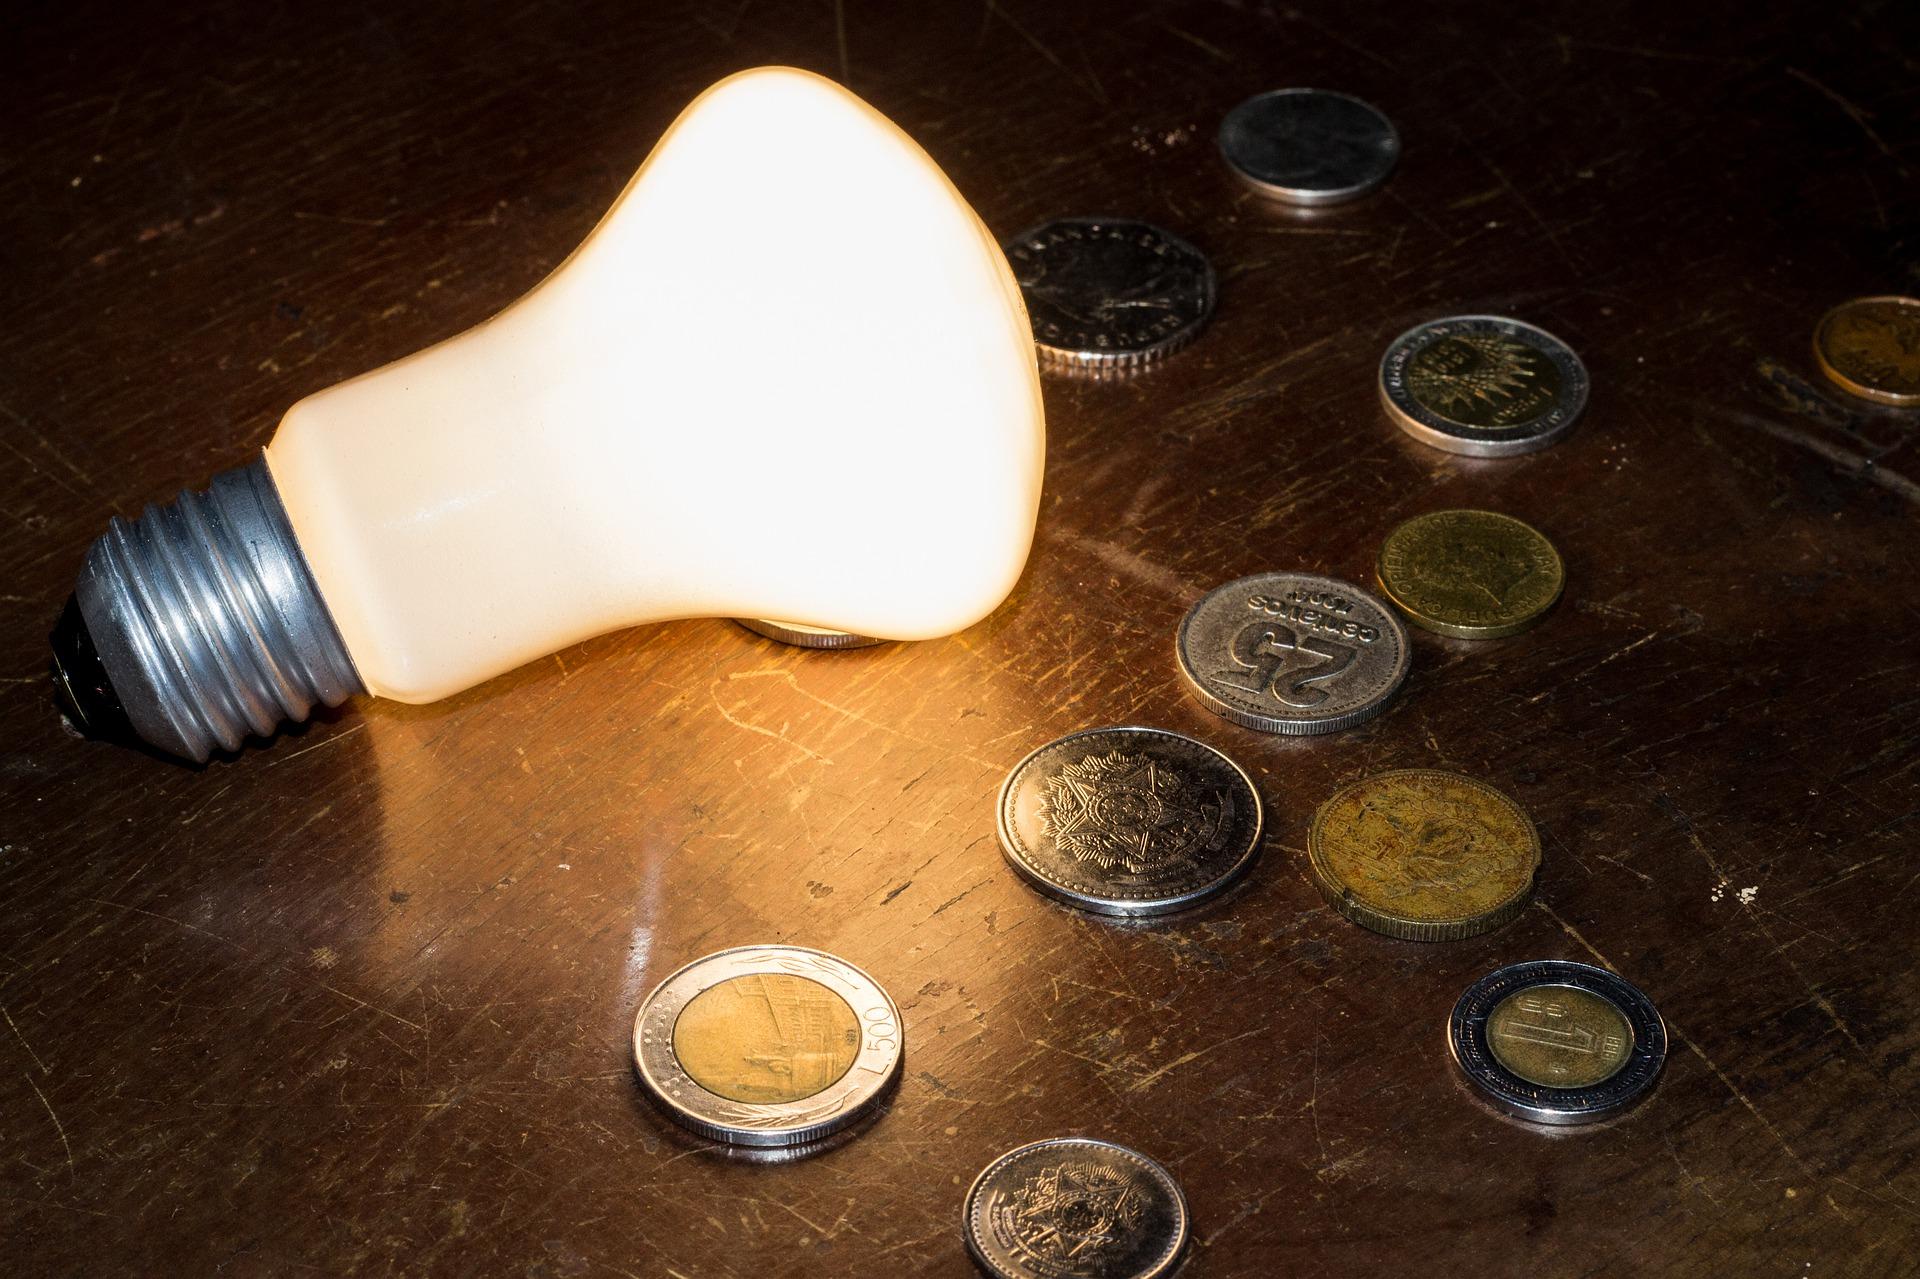 Cena elektřiny – víte, z jakých částí se skládá?